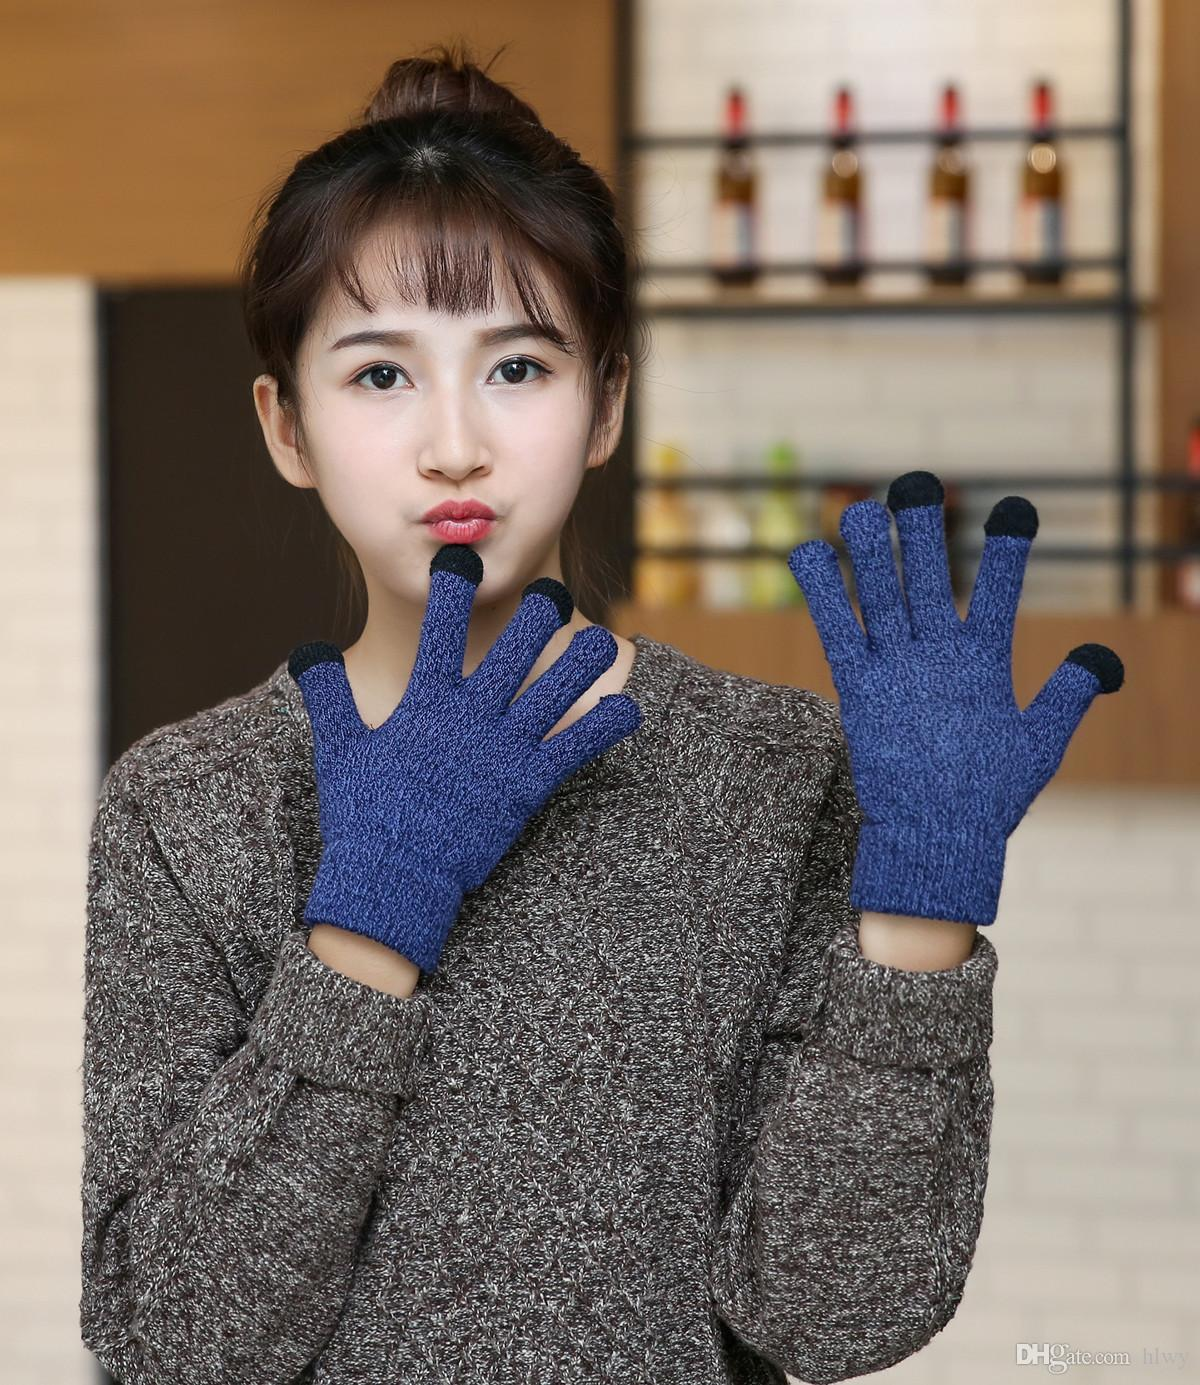 Wholesale-2017 erkekler ve kadınlar kalın bir pazen sıcak açık eldiven ile kadın kış dokunmatik ekran eldiven